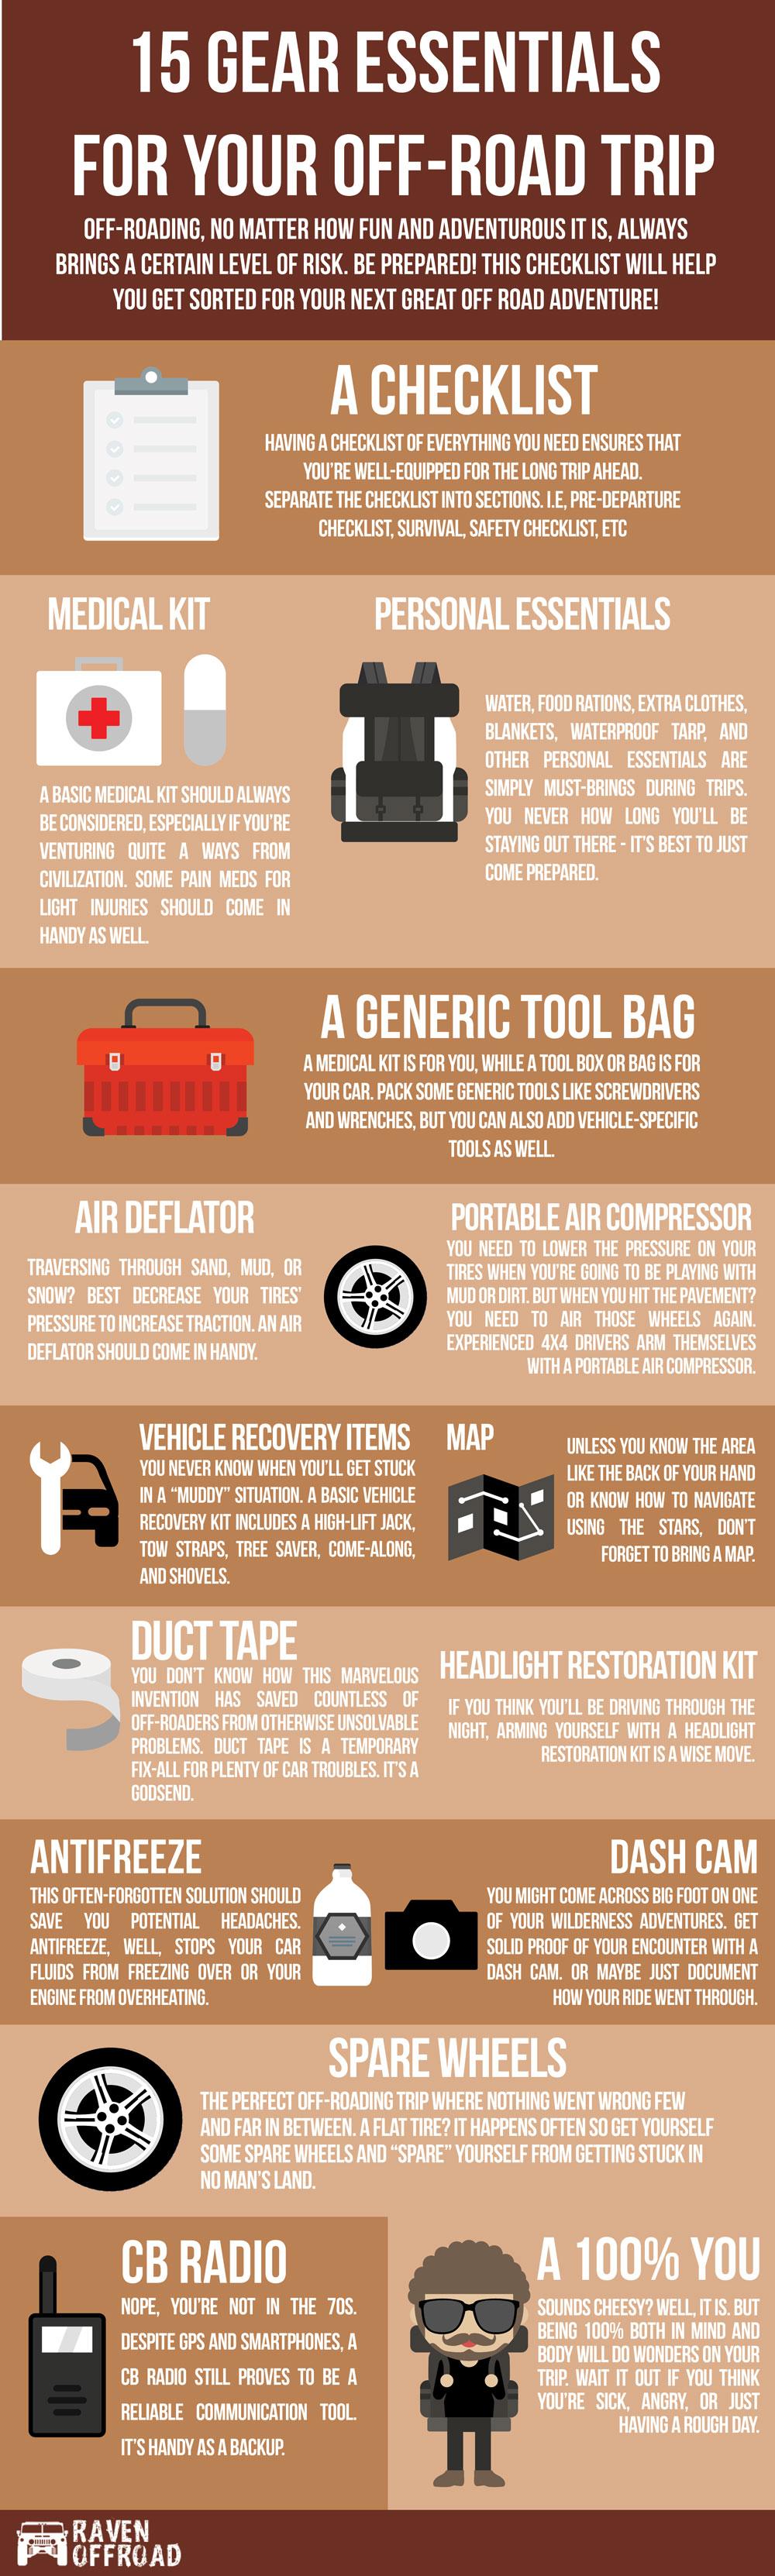 15 gear essentials